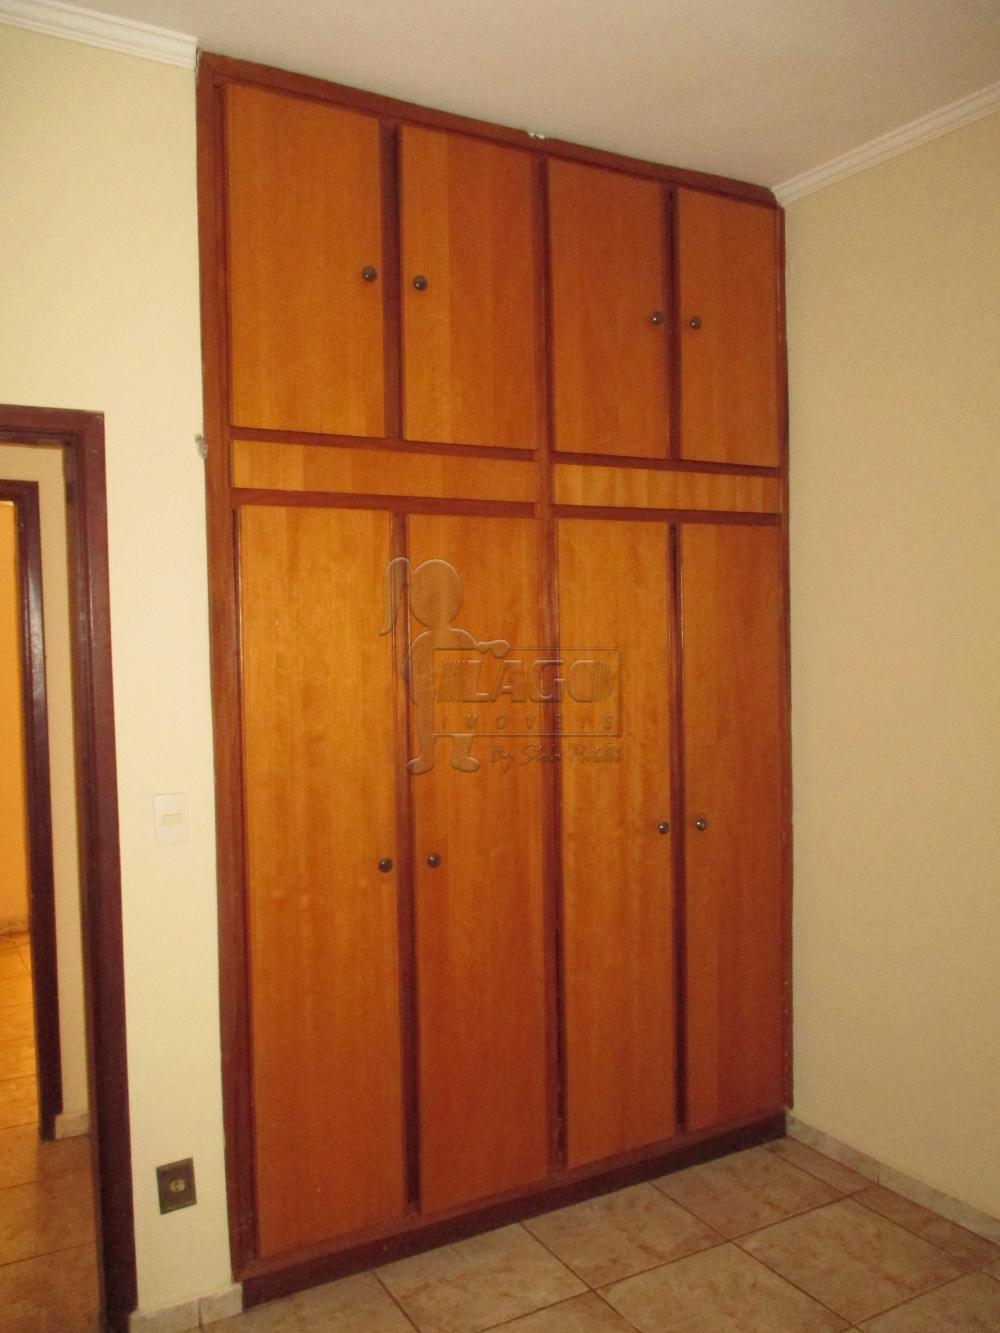 Alugar Casas / Padrão em Ribeirão Preto apenas R$ 2.200,00 - Foto 12